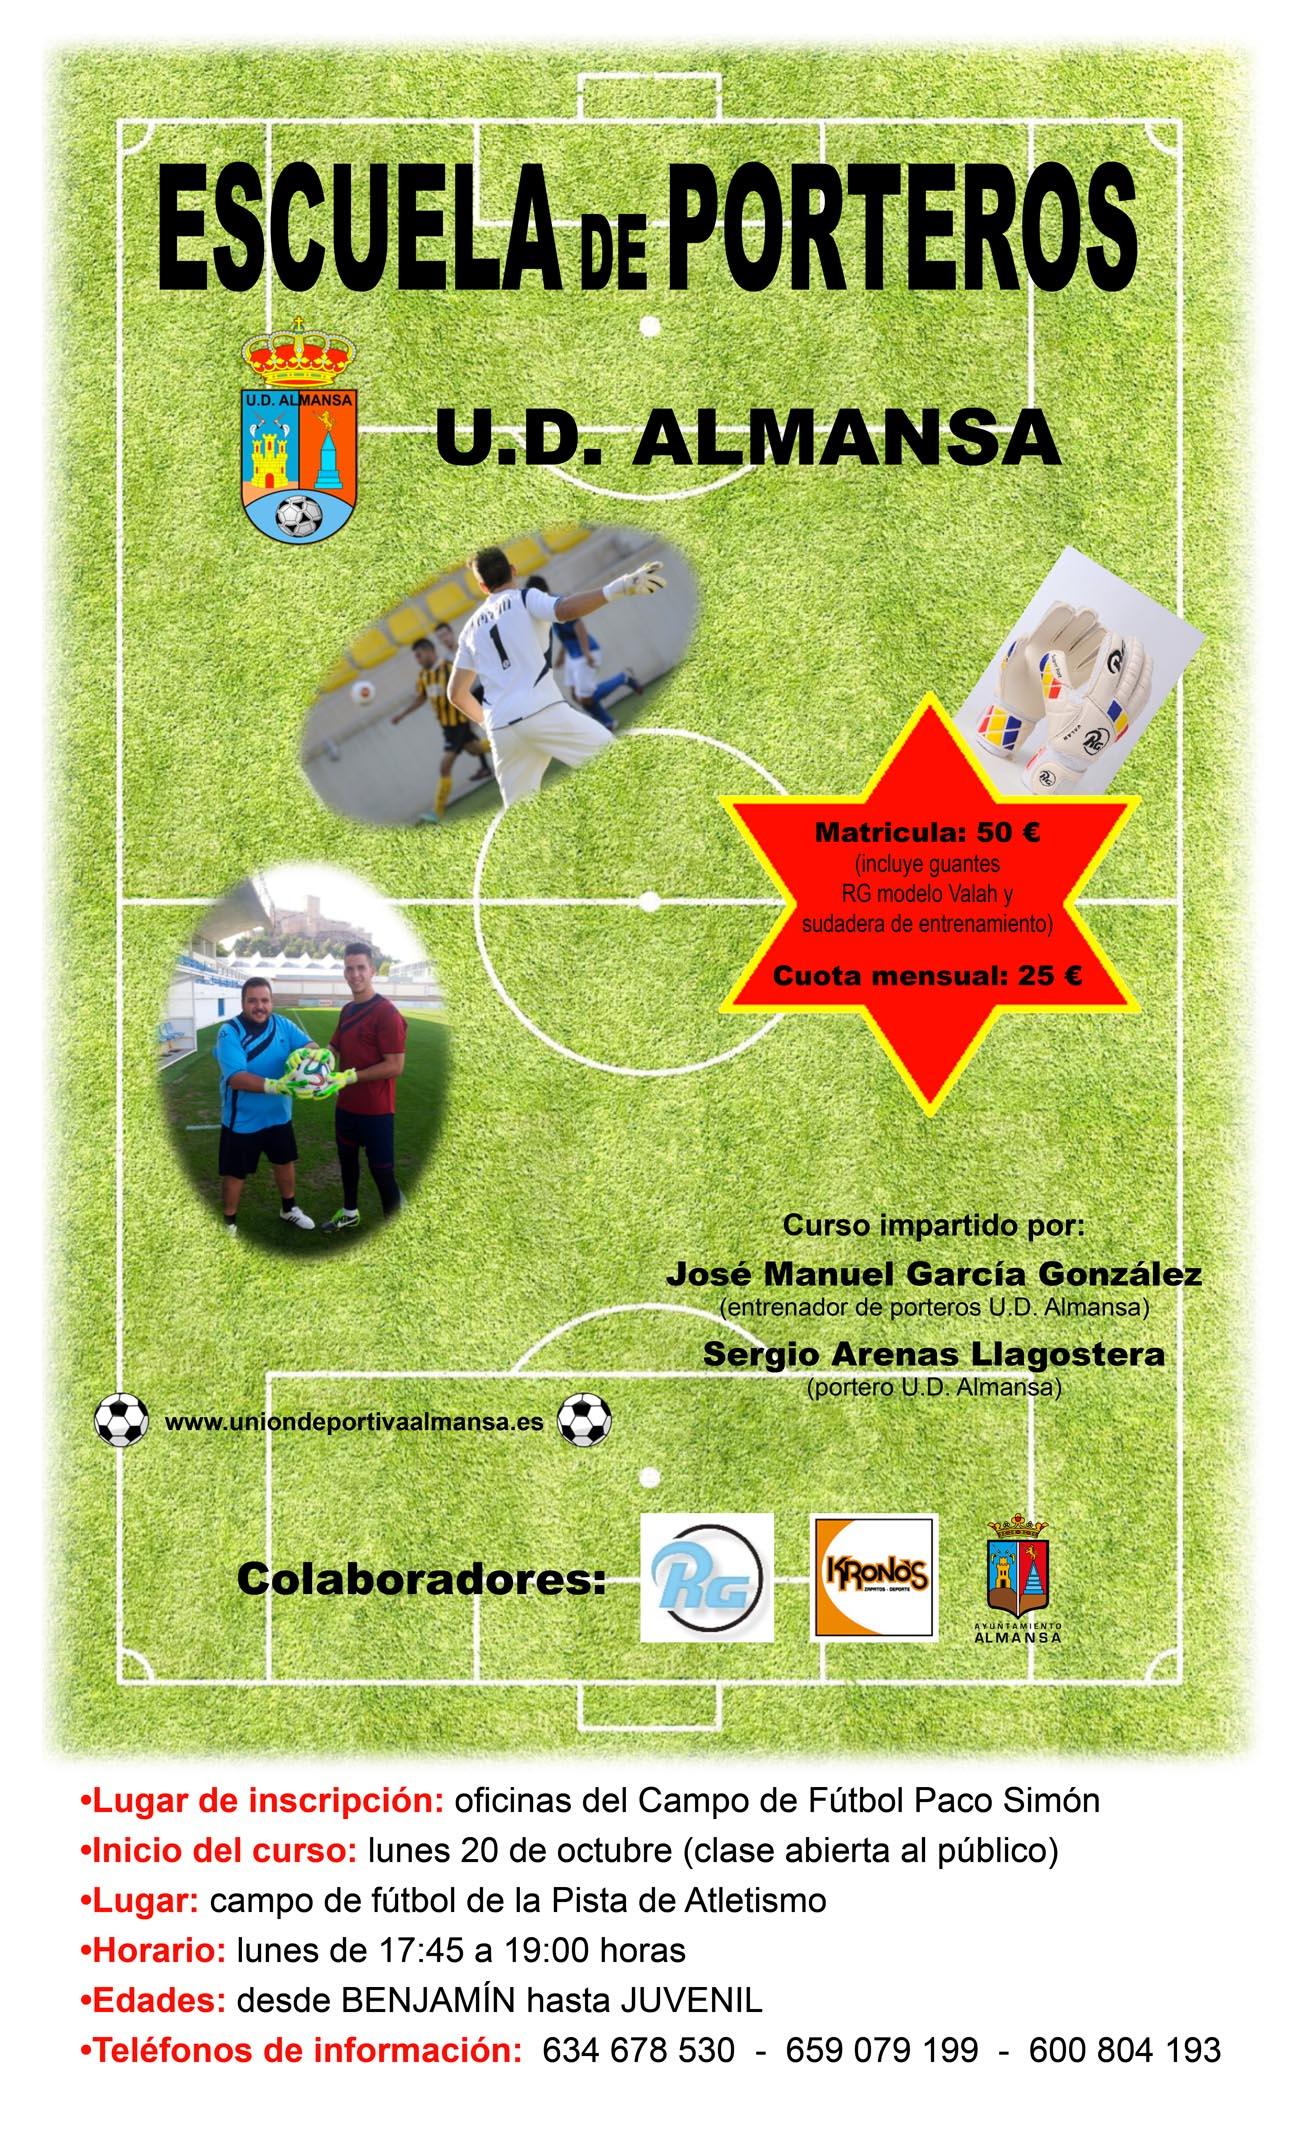 Escuela de Porteros de la UD Almansa